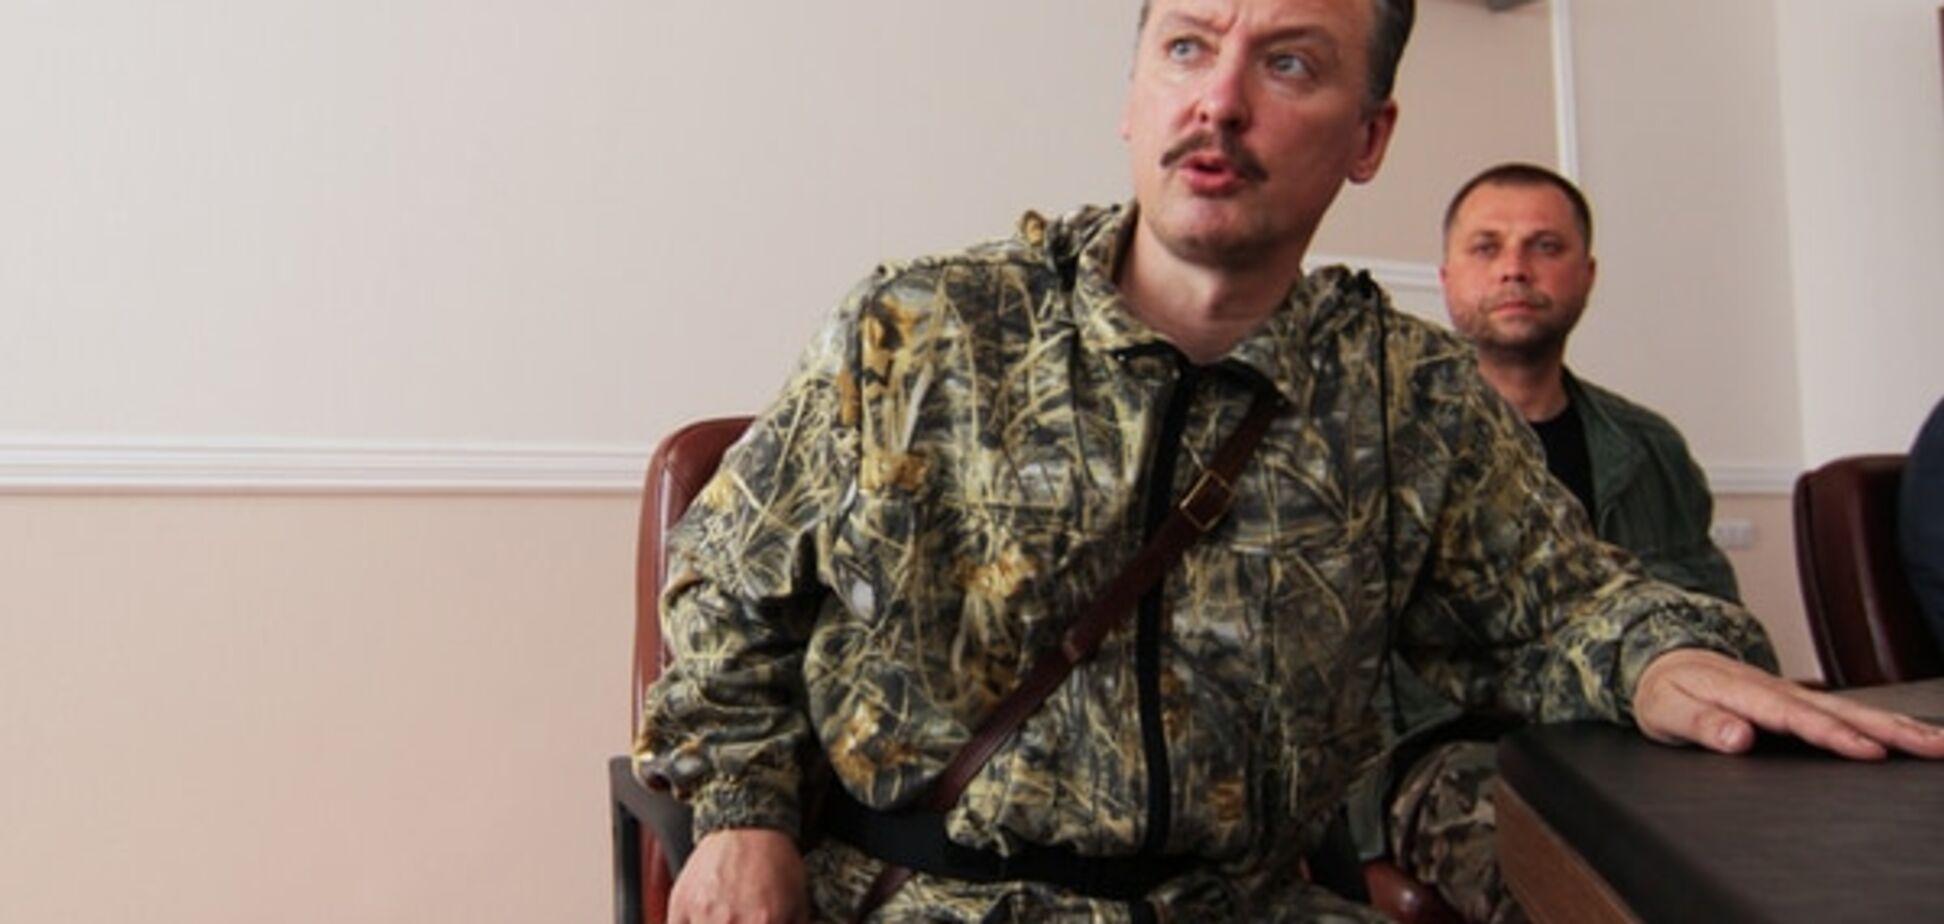 Бородай рассказал 'страшную' тайну о том, как и куда пропал Стрелков